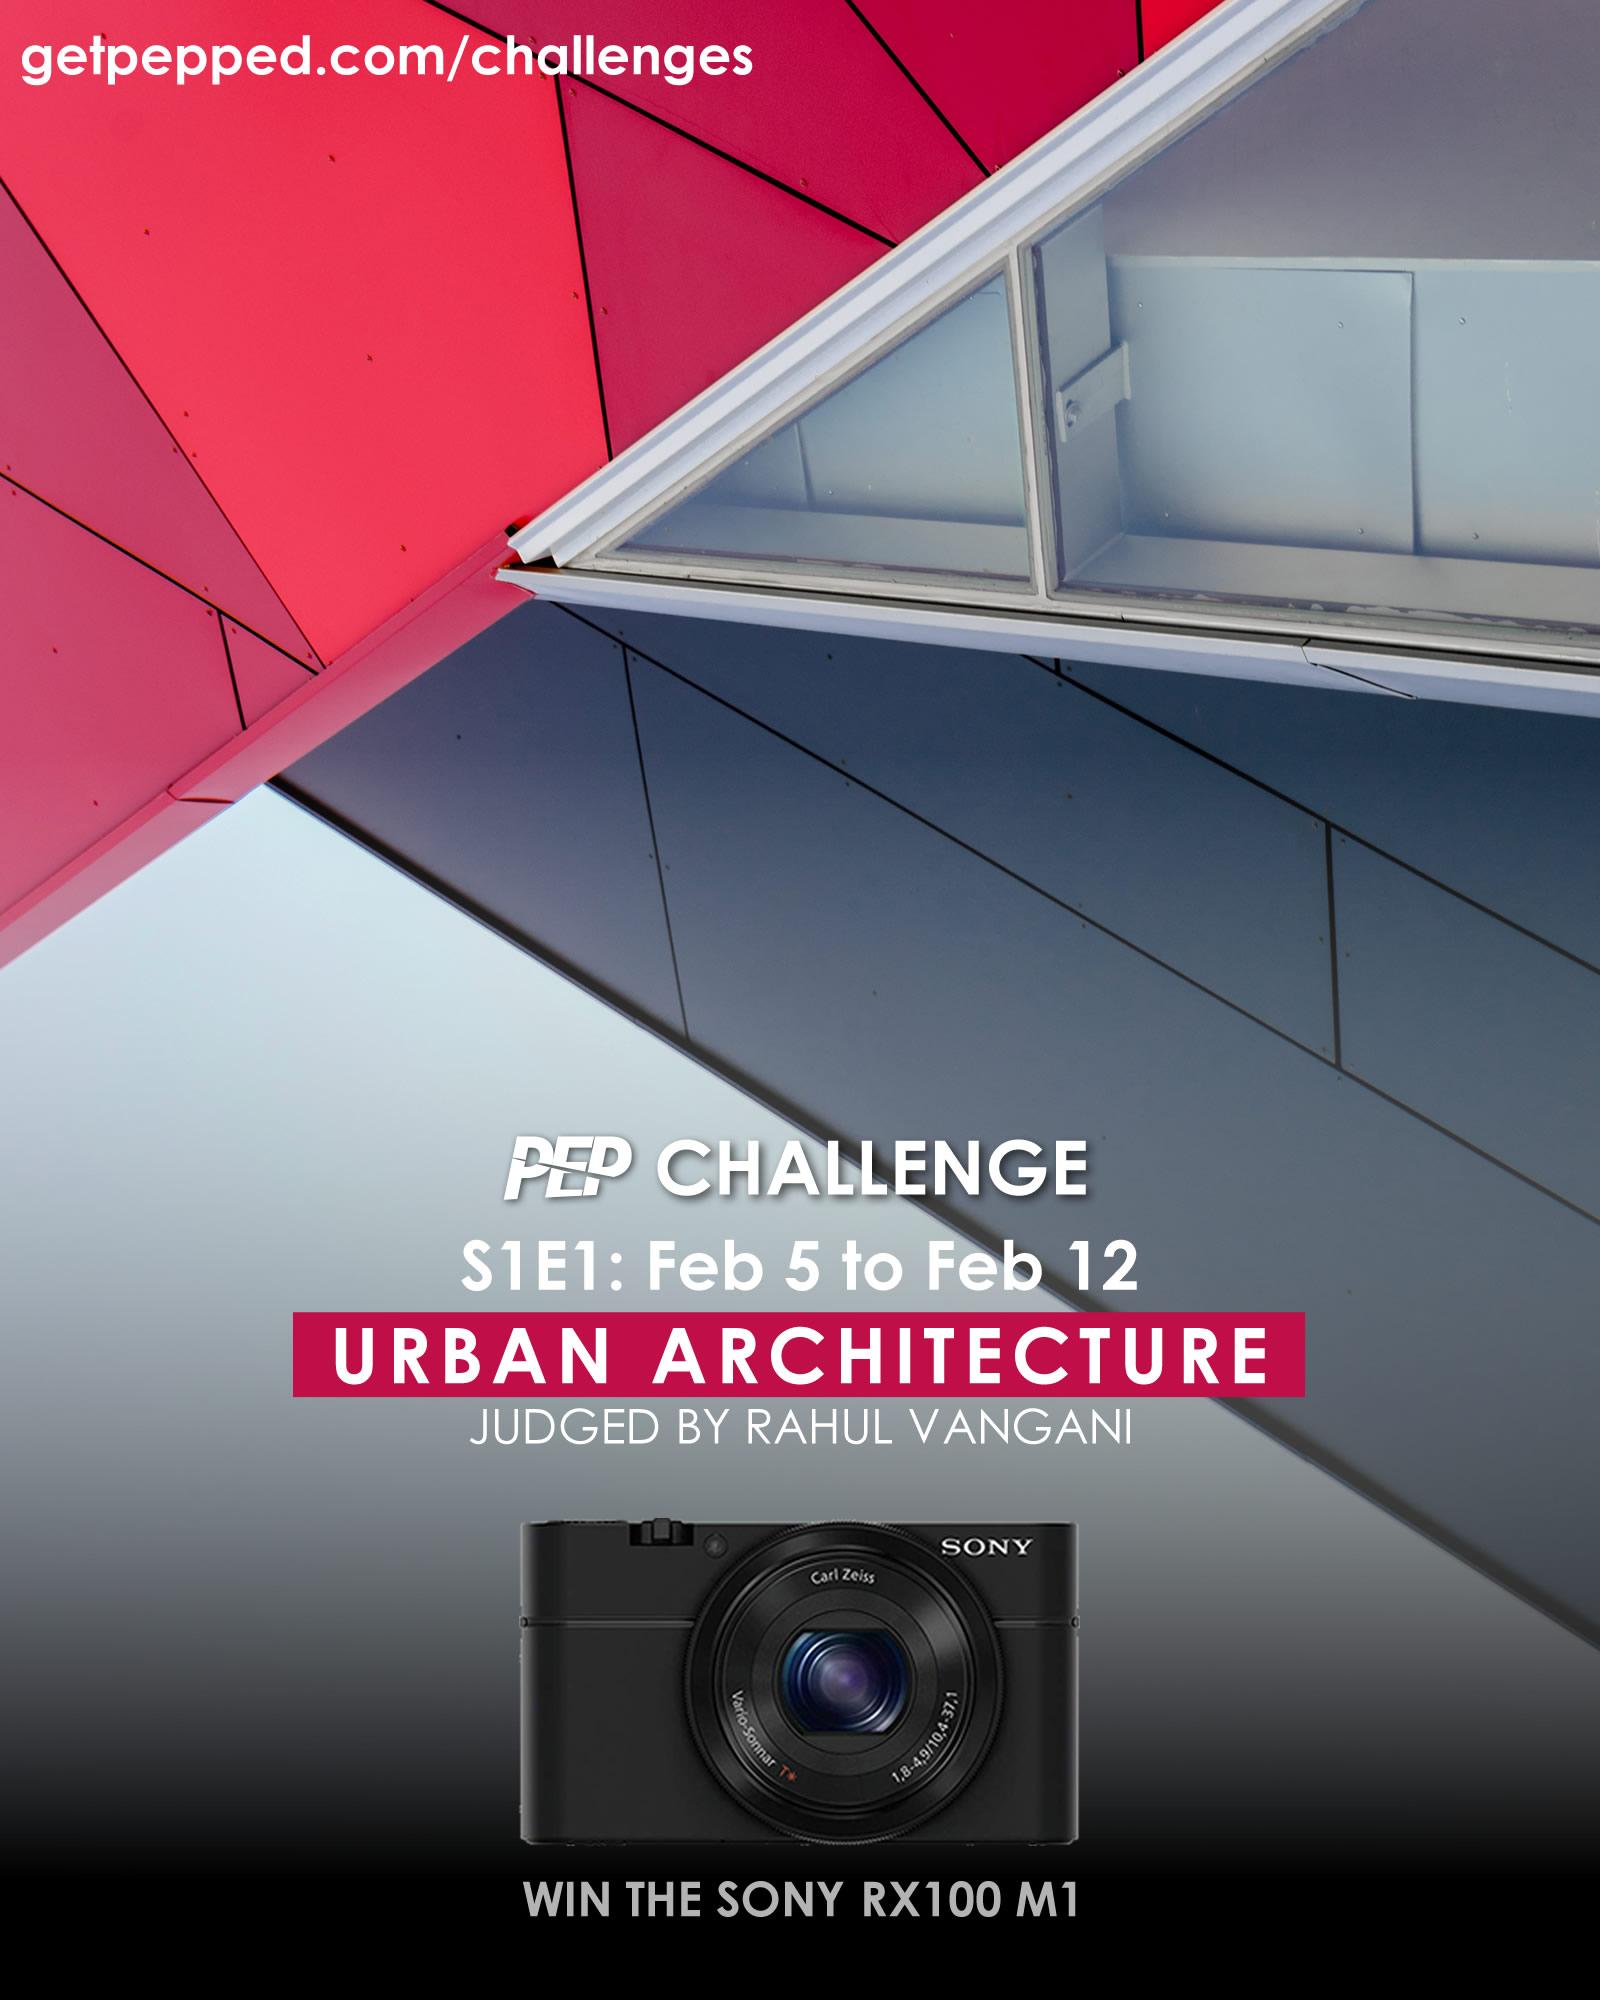 ChallengesInstagram4x5.jpg